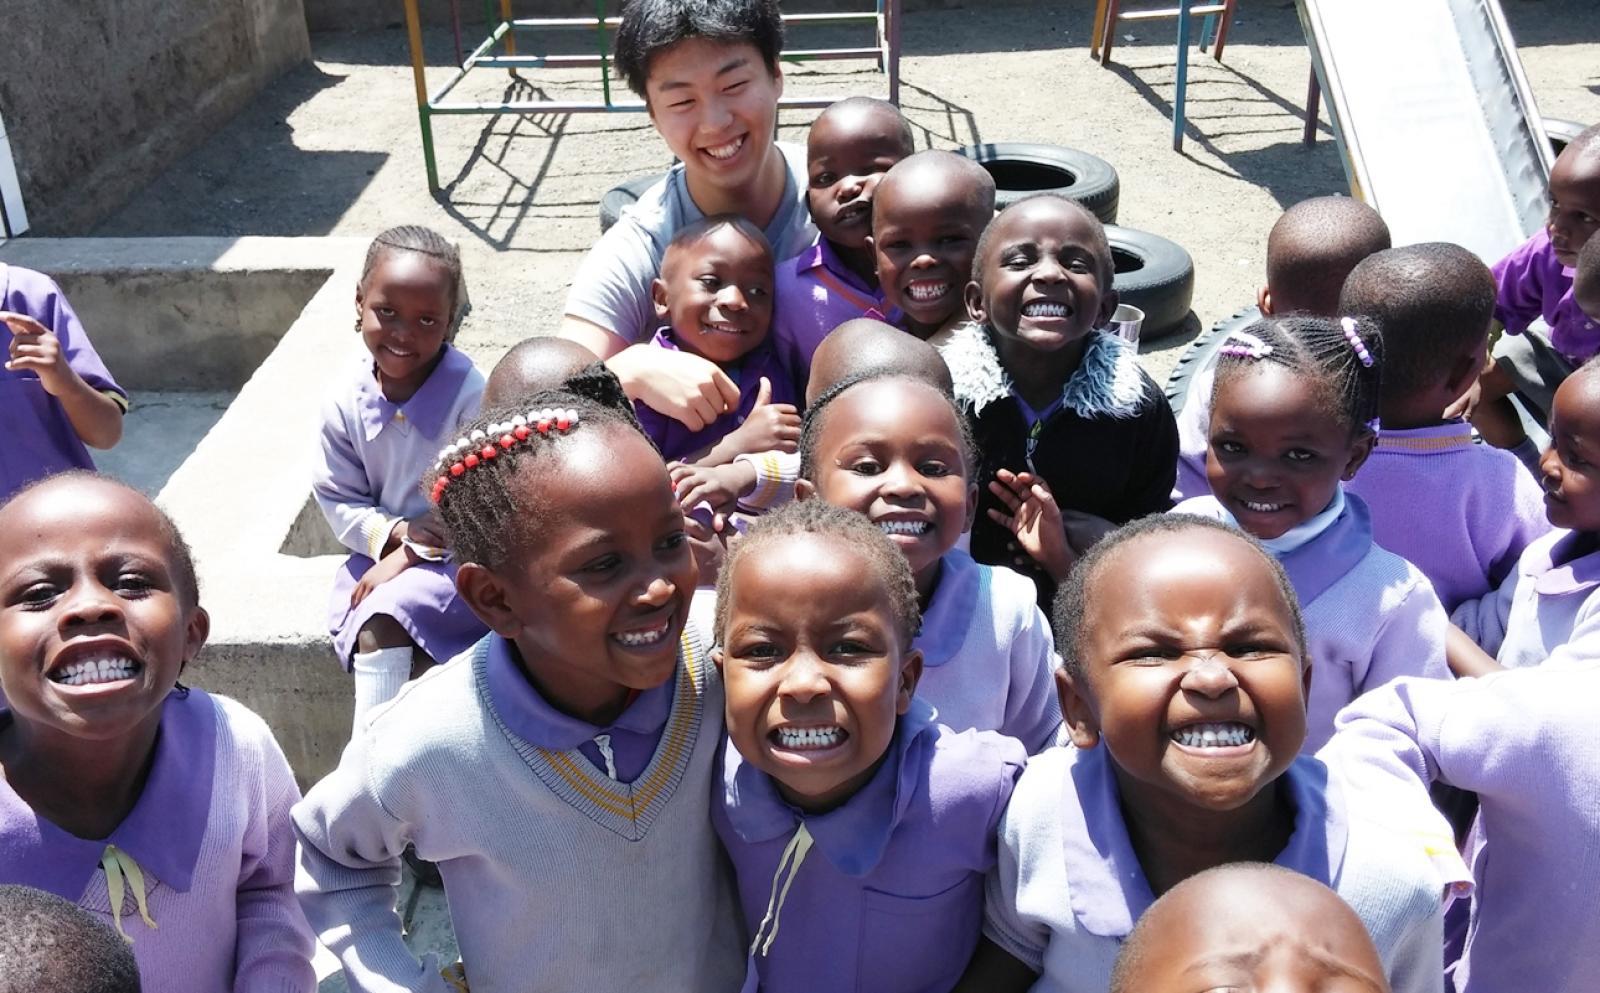 アフリカの幼稚園でチャイルドケア活動に貢献する日本人ボランティア